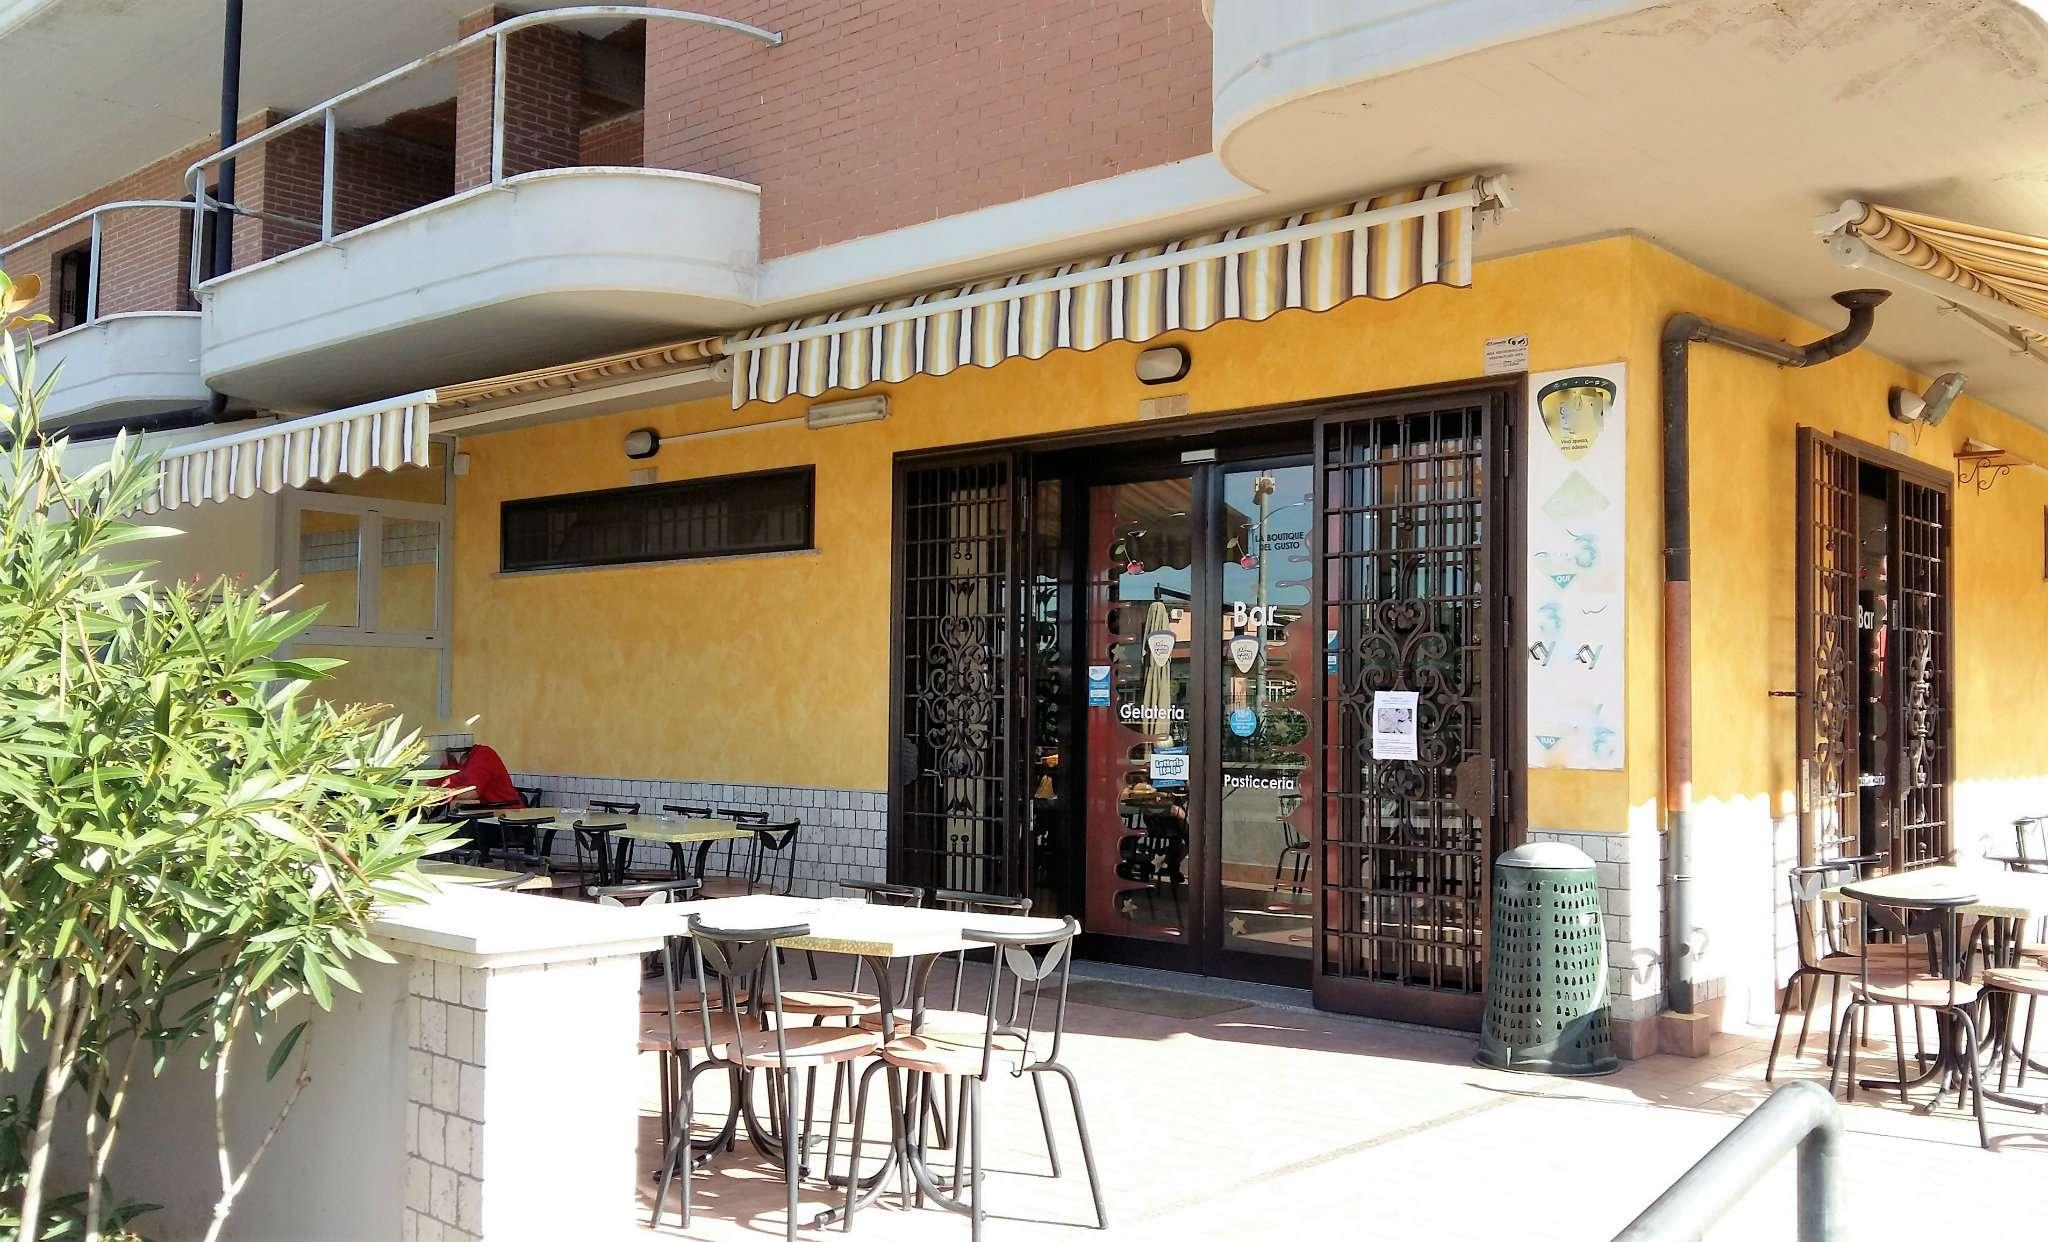 Tabacchi e ricevitorie in vendita a guidonia montecelio - Agenzie immobiliari guidonia ...